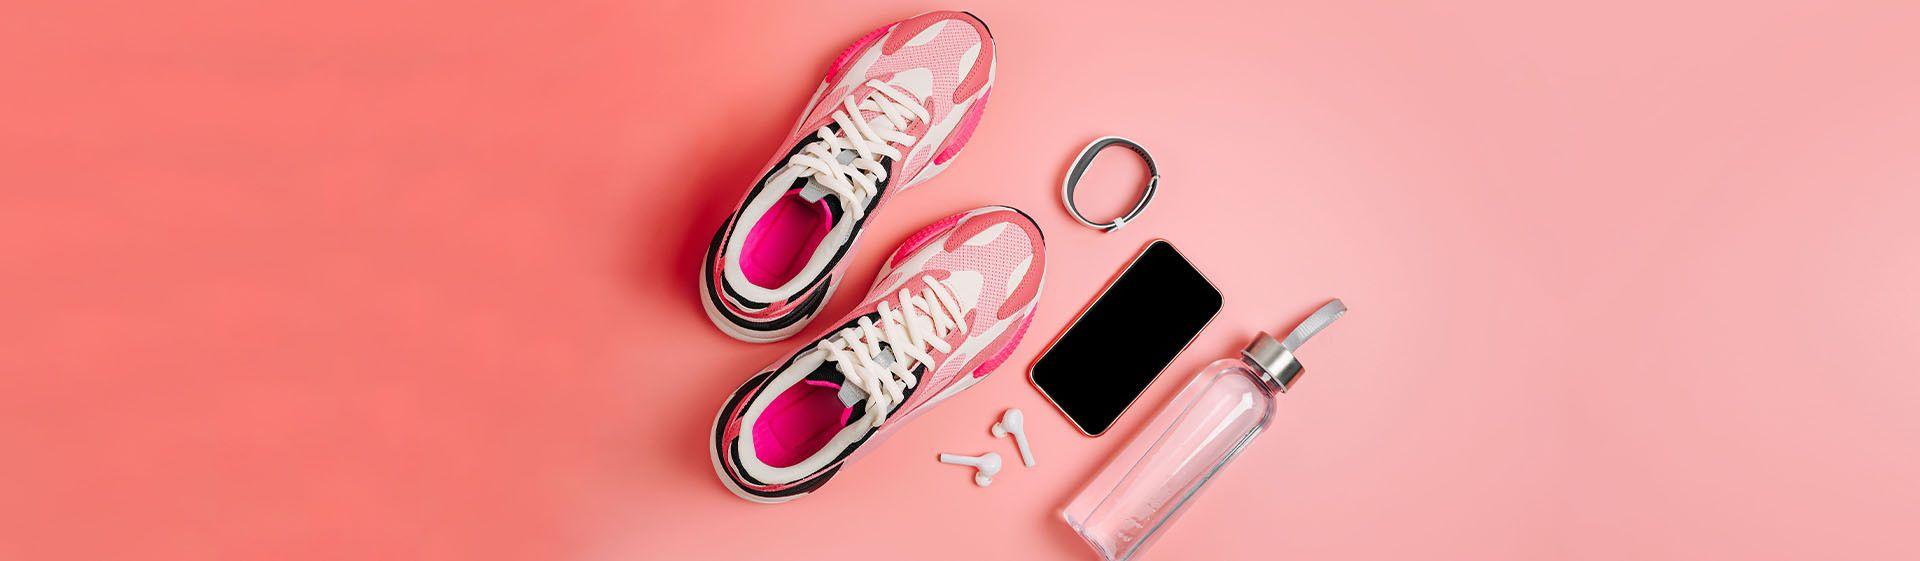 Corrida no verão: tênis, smartwatch e outros itens essenciais para correr no calor